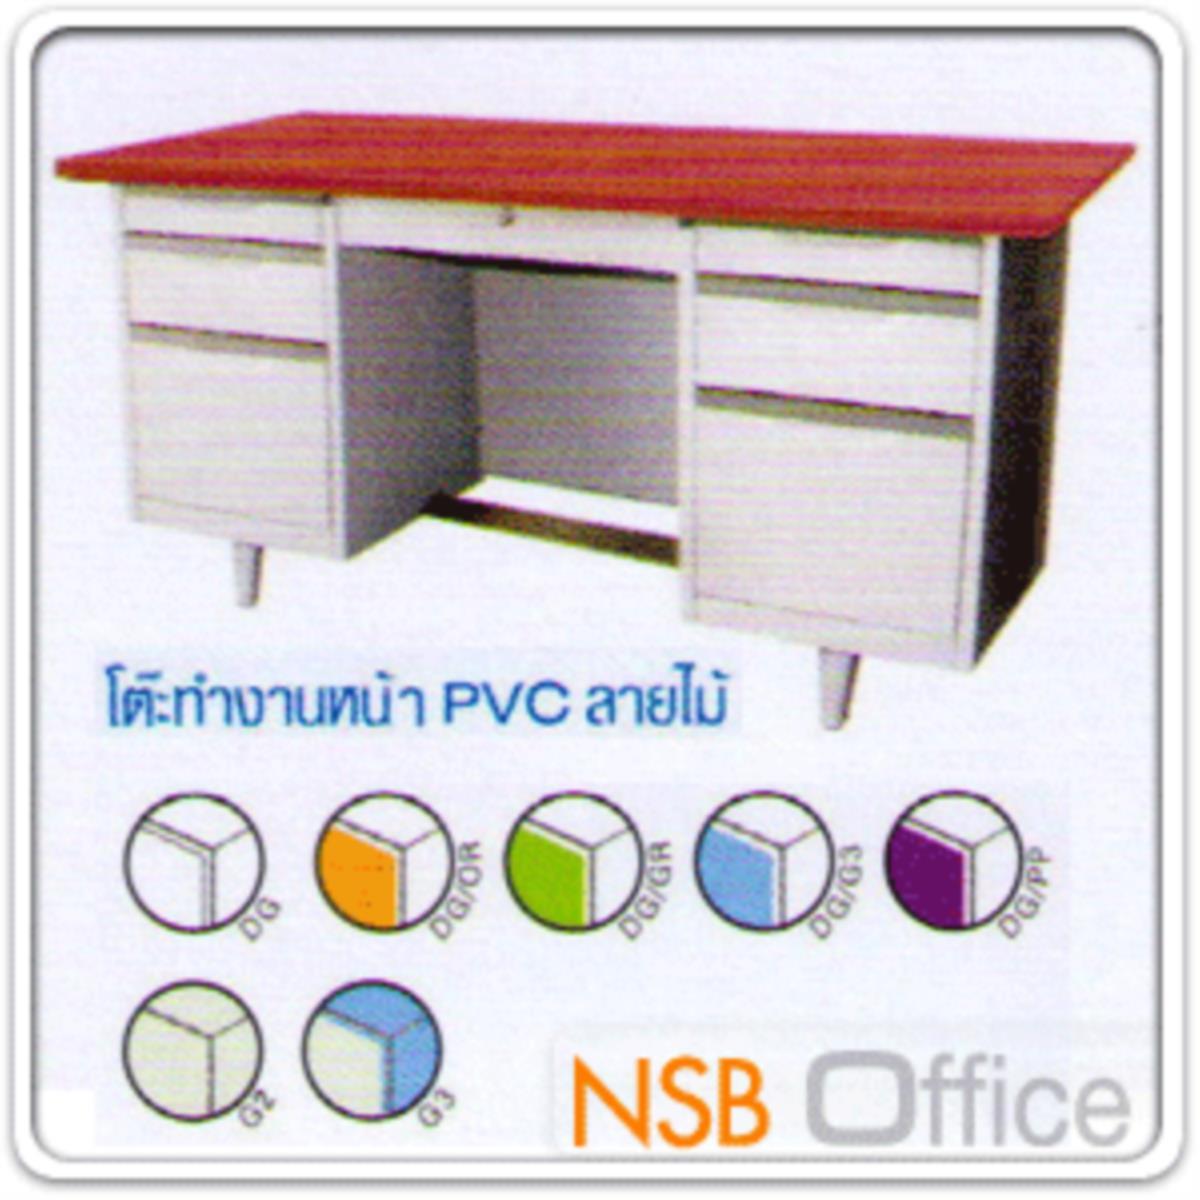 โต๊ะทำงานหน้า PVC ลายไม้สีเชอร์รี่ 7 ลิ้นชัก รุ่น ST-2654C,ST-3060C